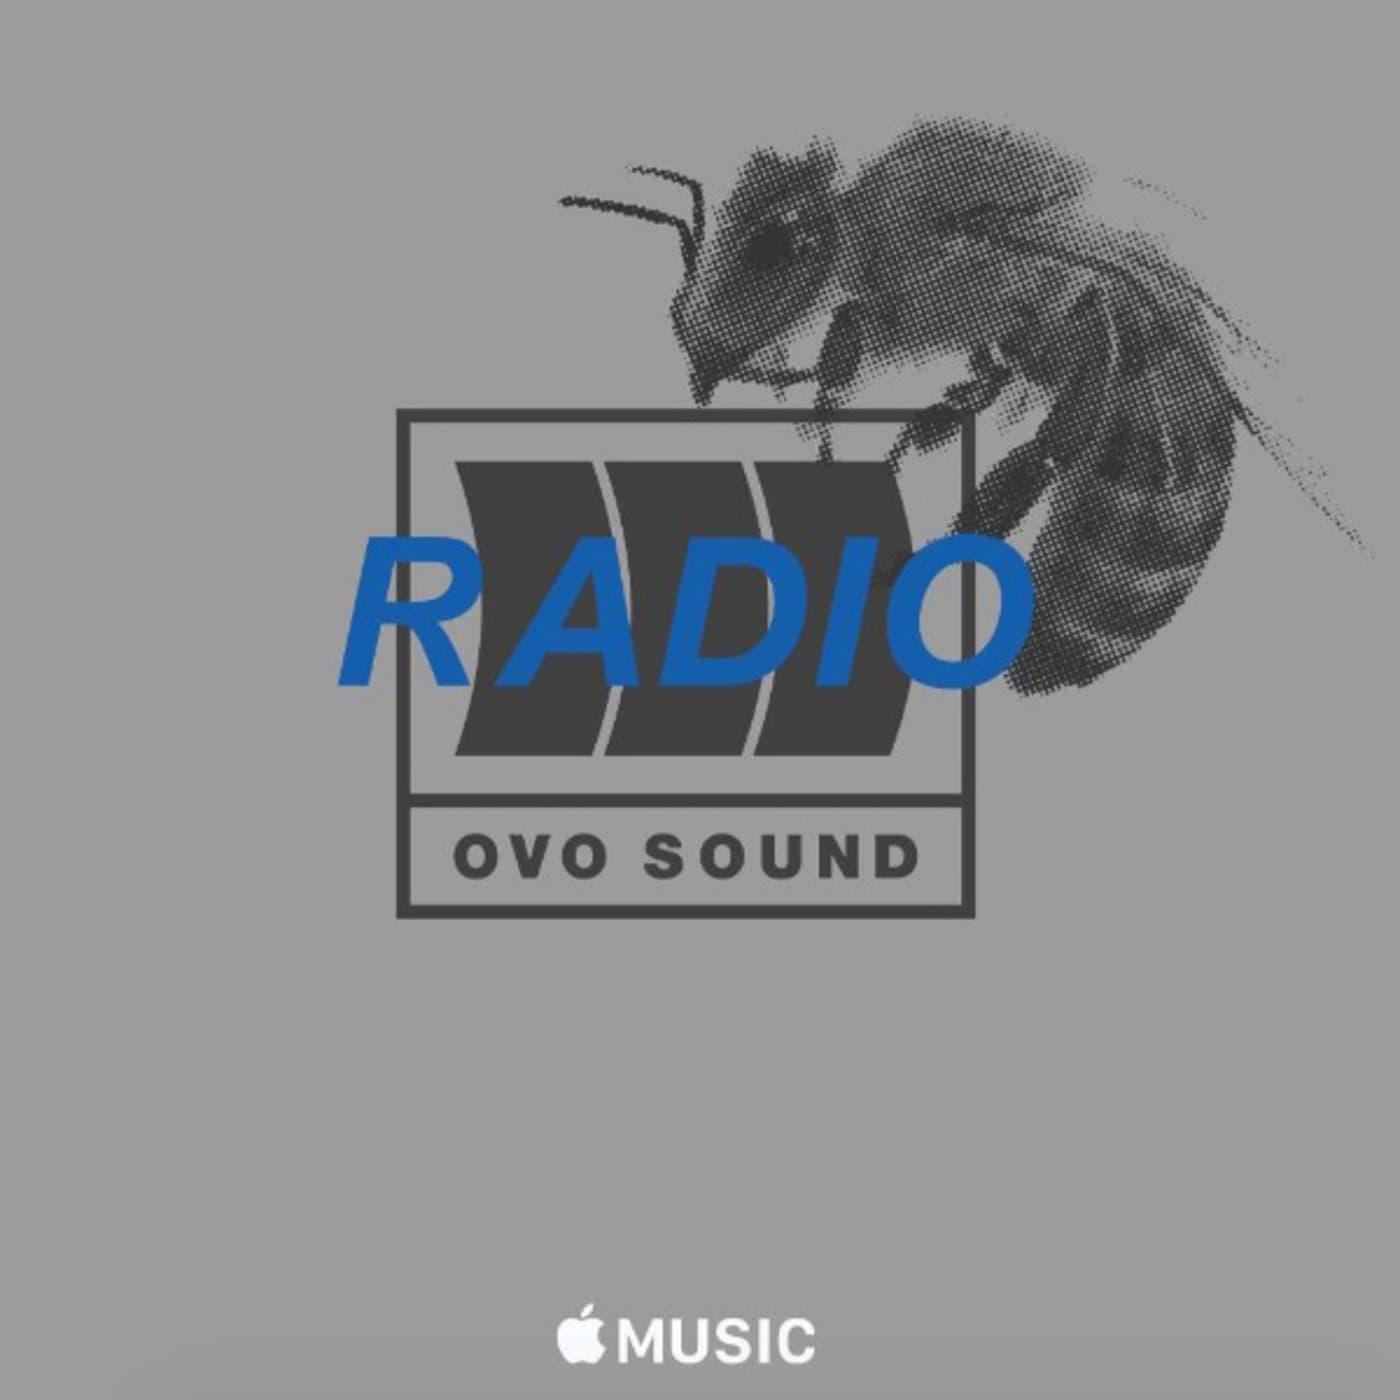 Image via Apple Music